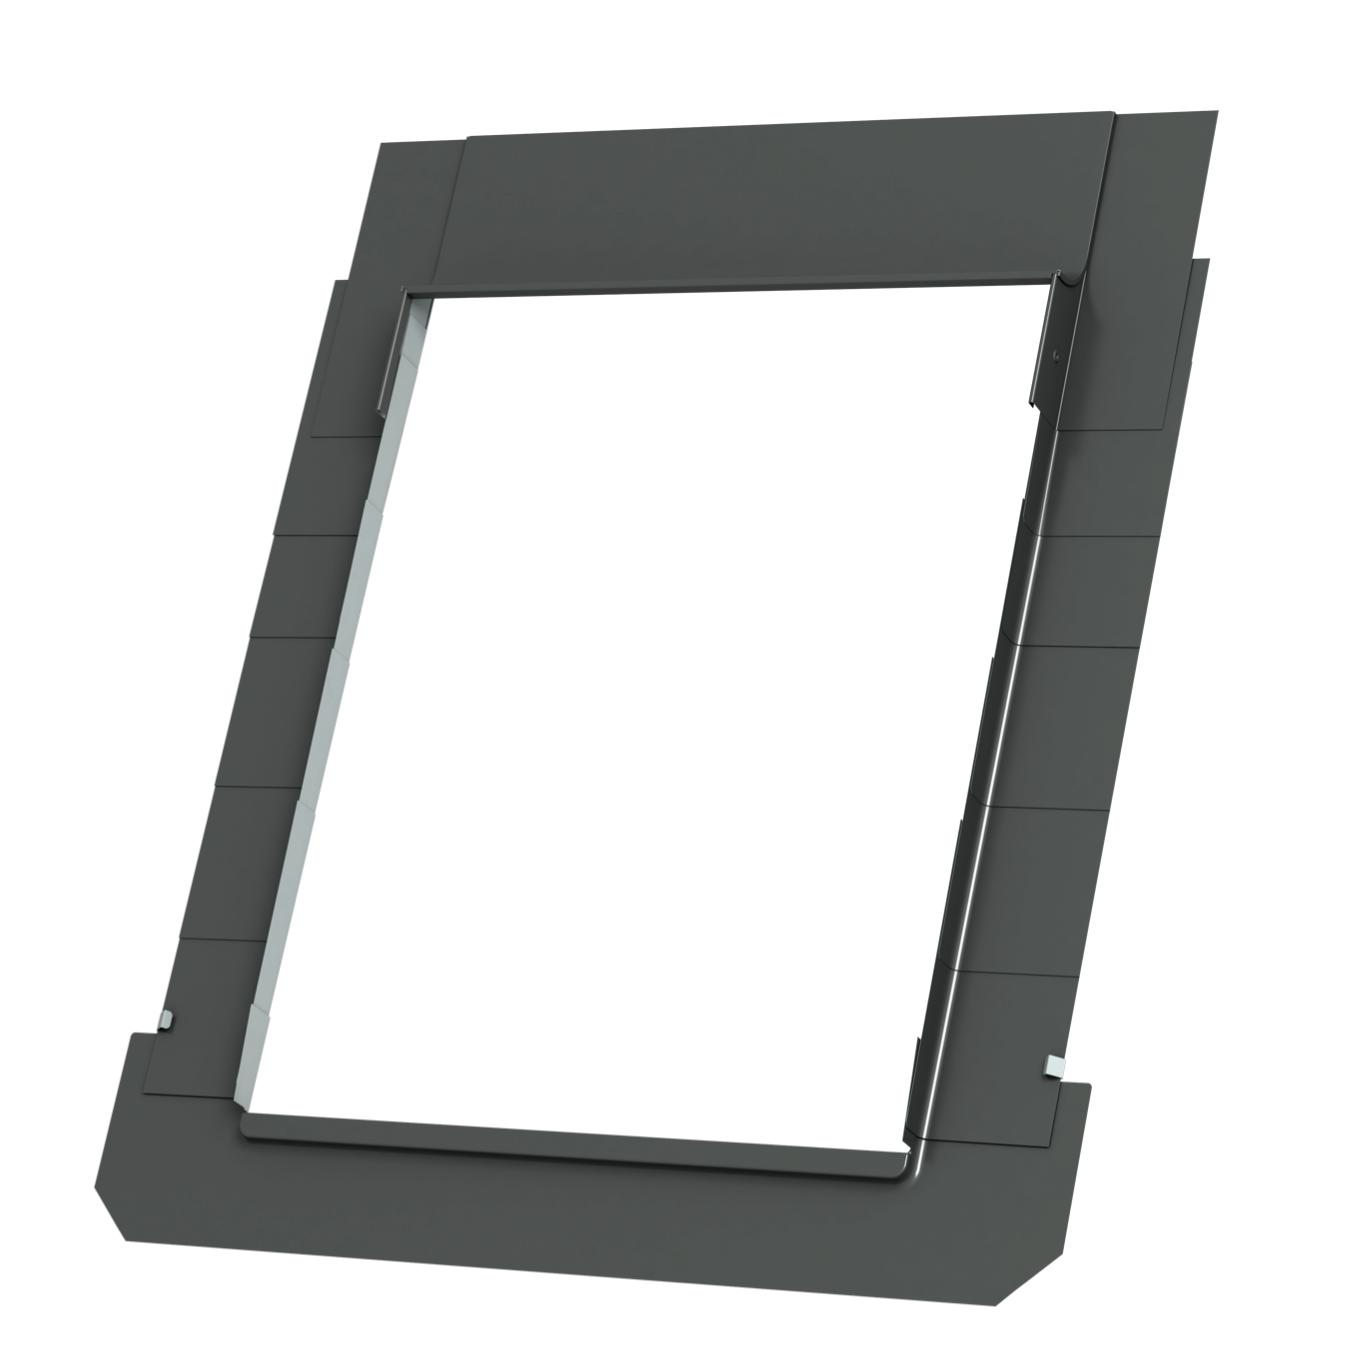 Lemování KEYLITE SRF  01C Profil Břidlice  55x118 cm    Single